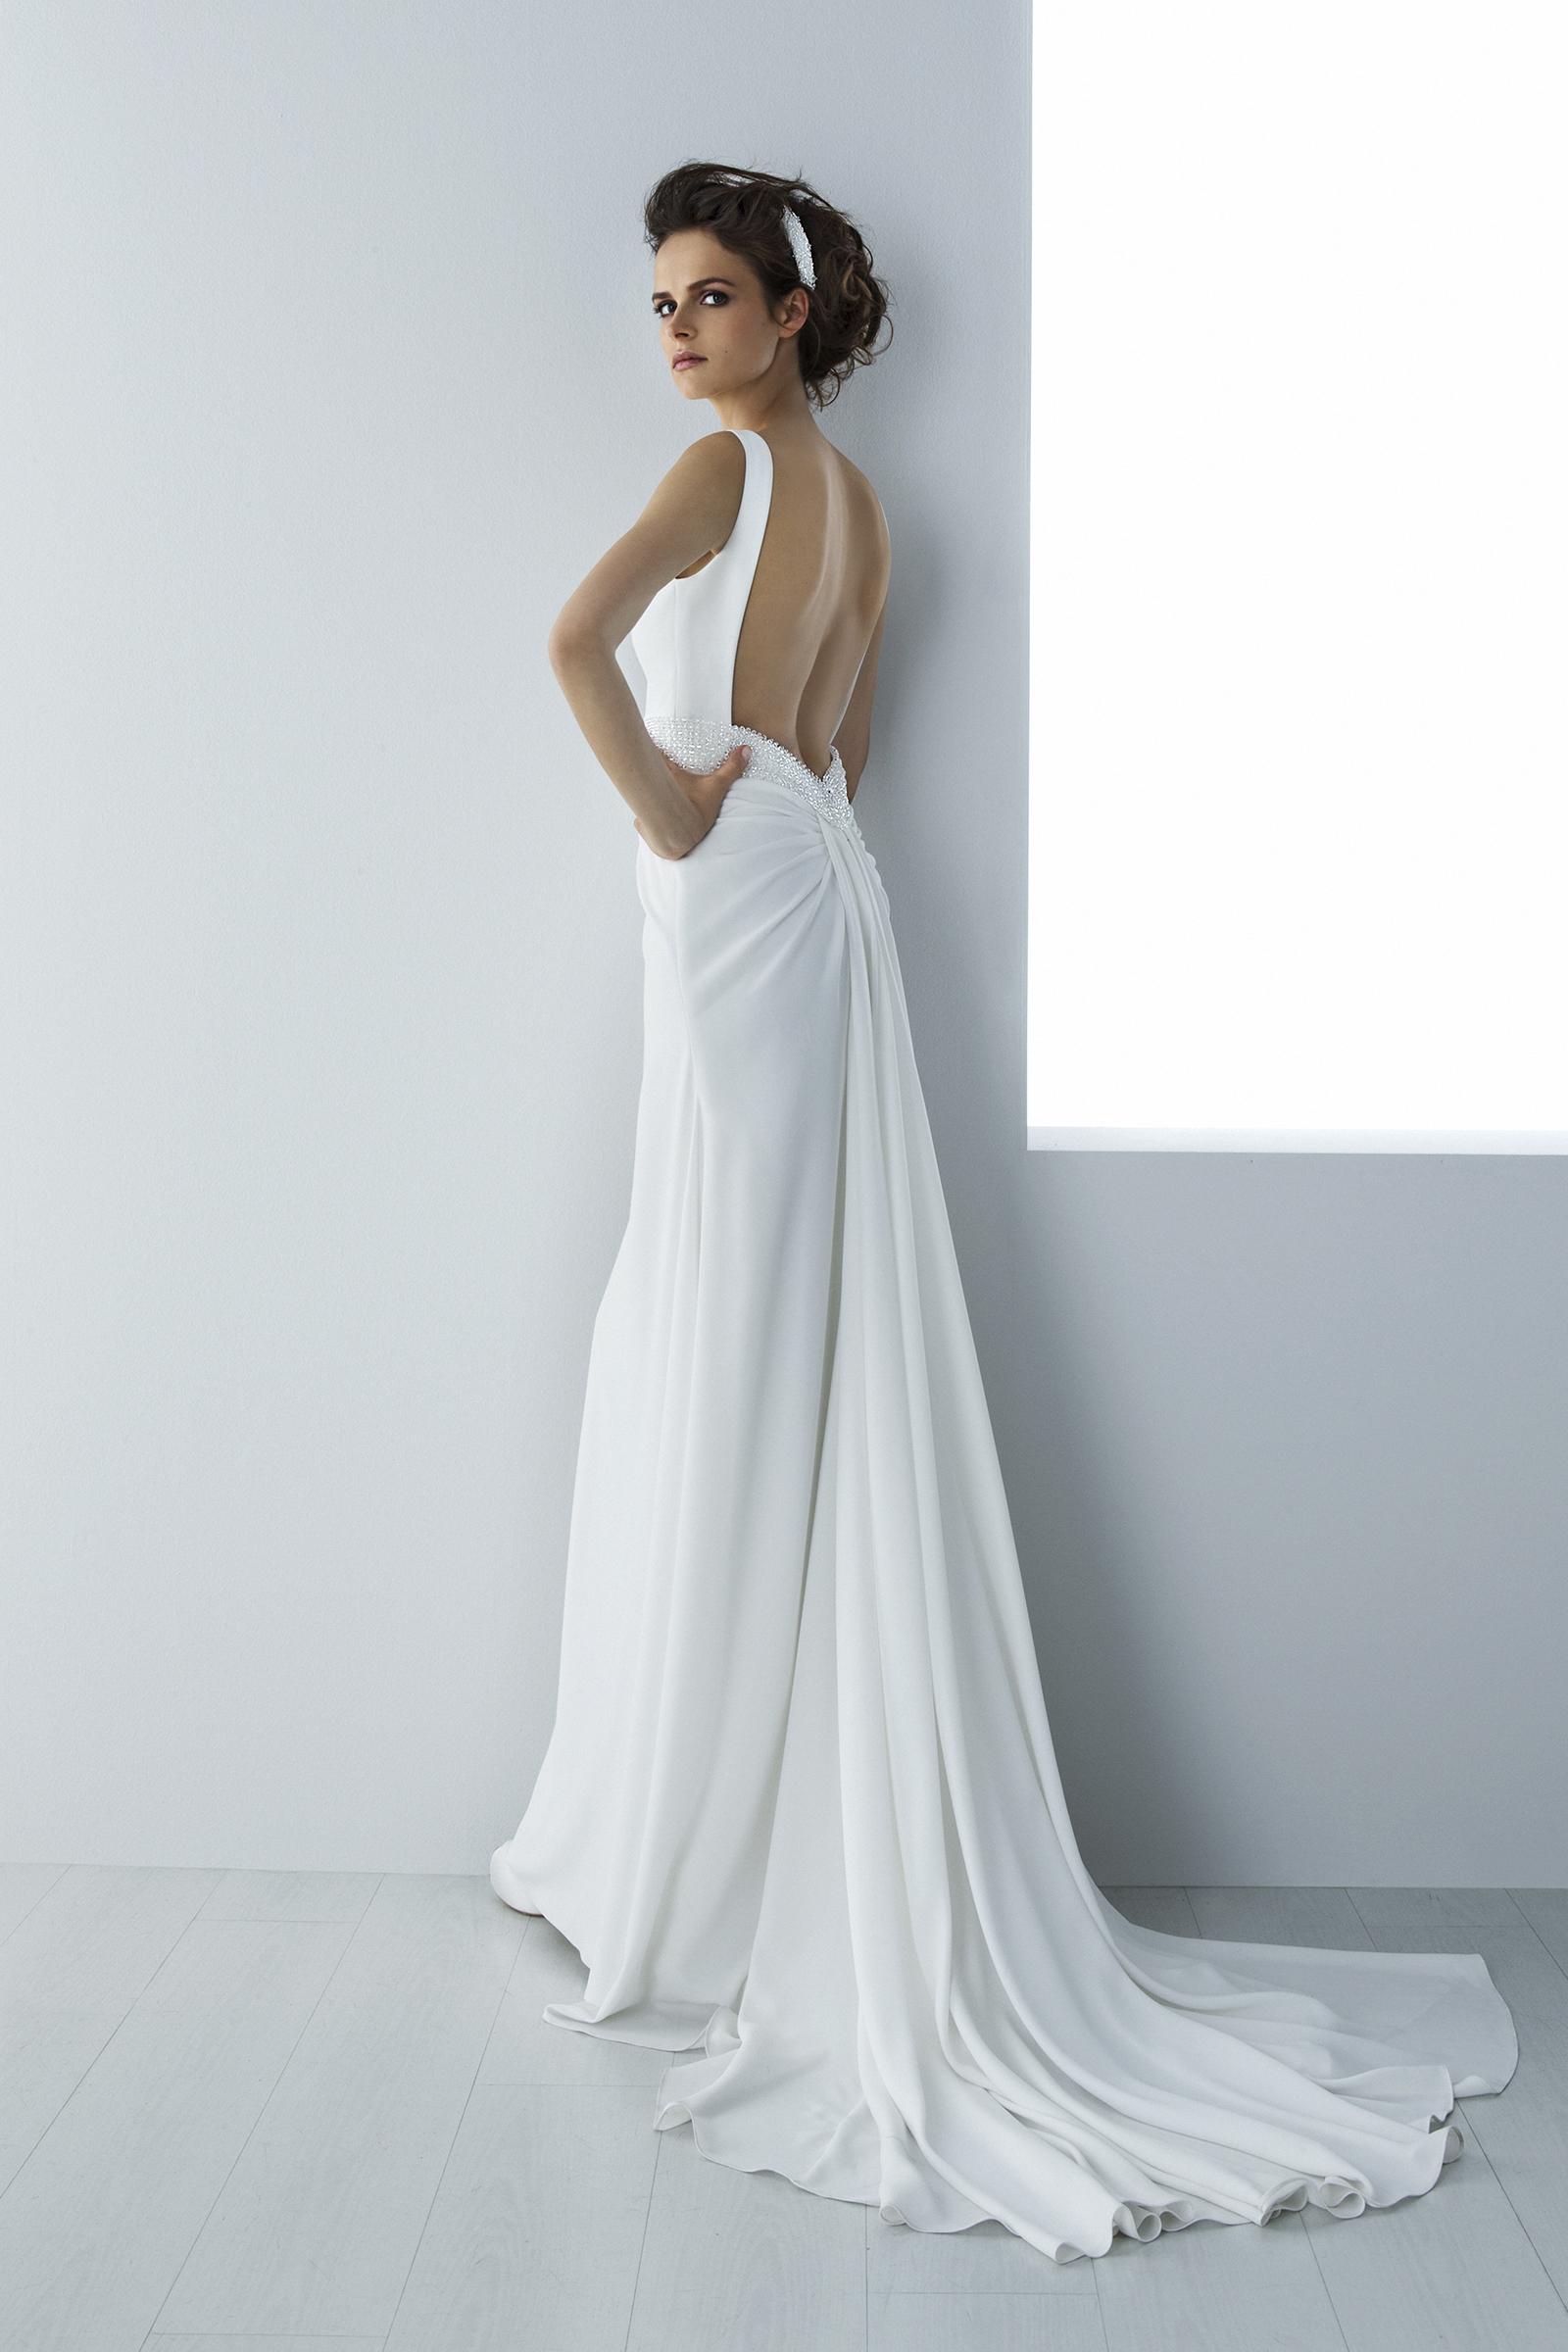 b61c383534b4 Seduzione tutta al femminile per l'abito da sposa scivolato e spacco ...